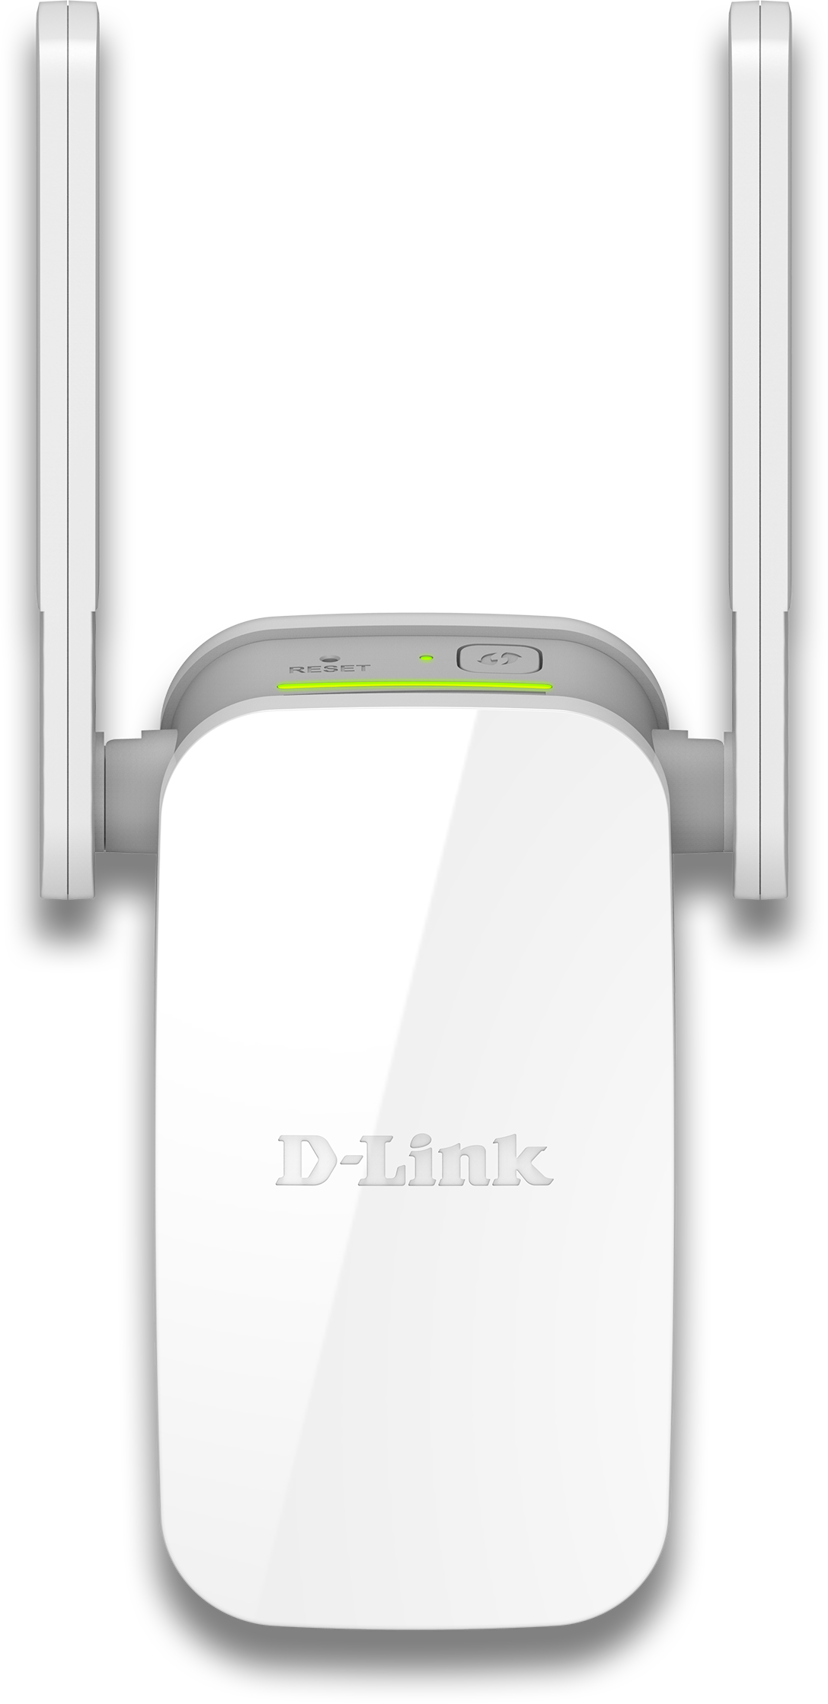 D-Link DAP-1610 WiFi Extender